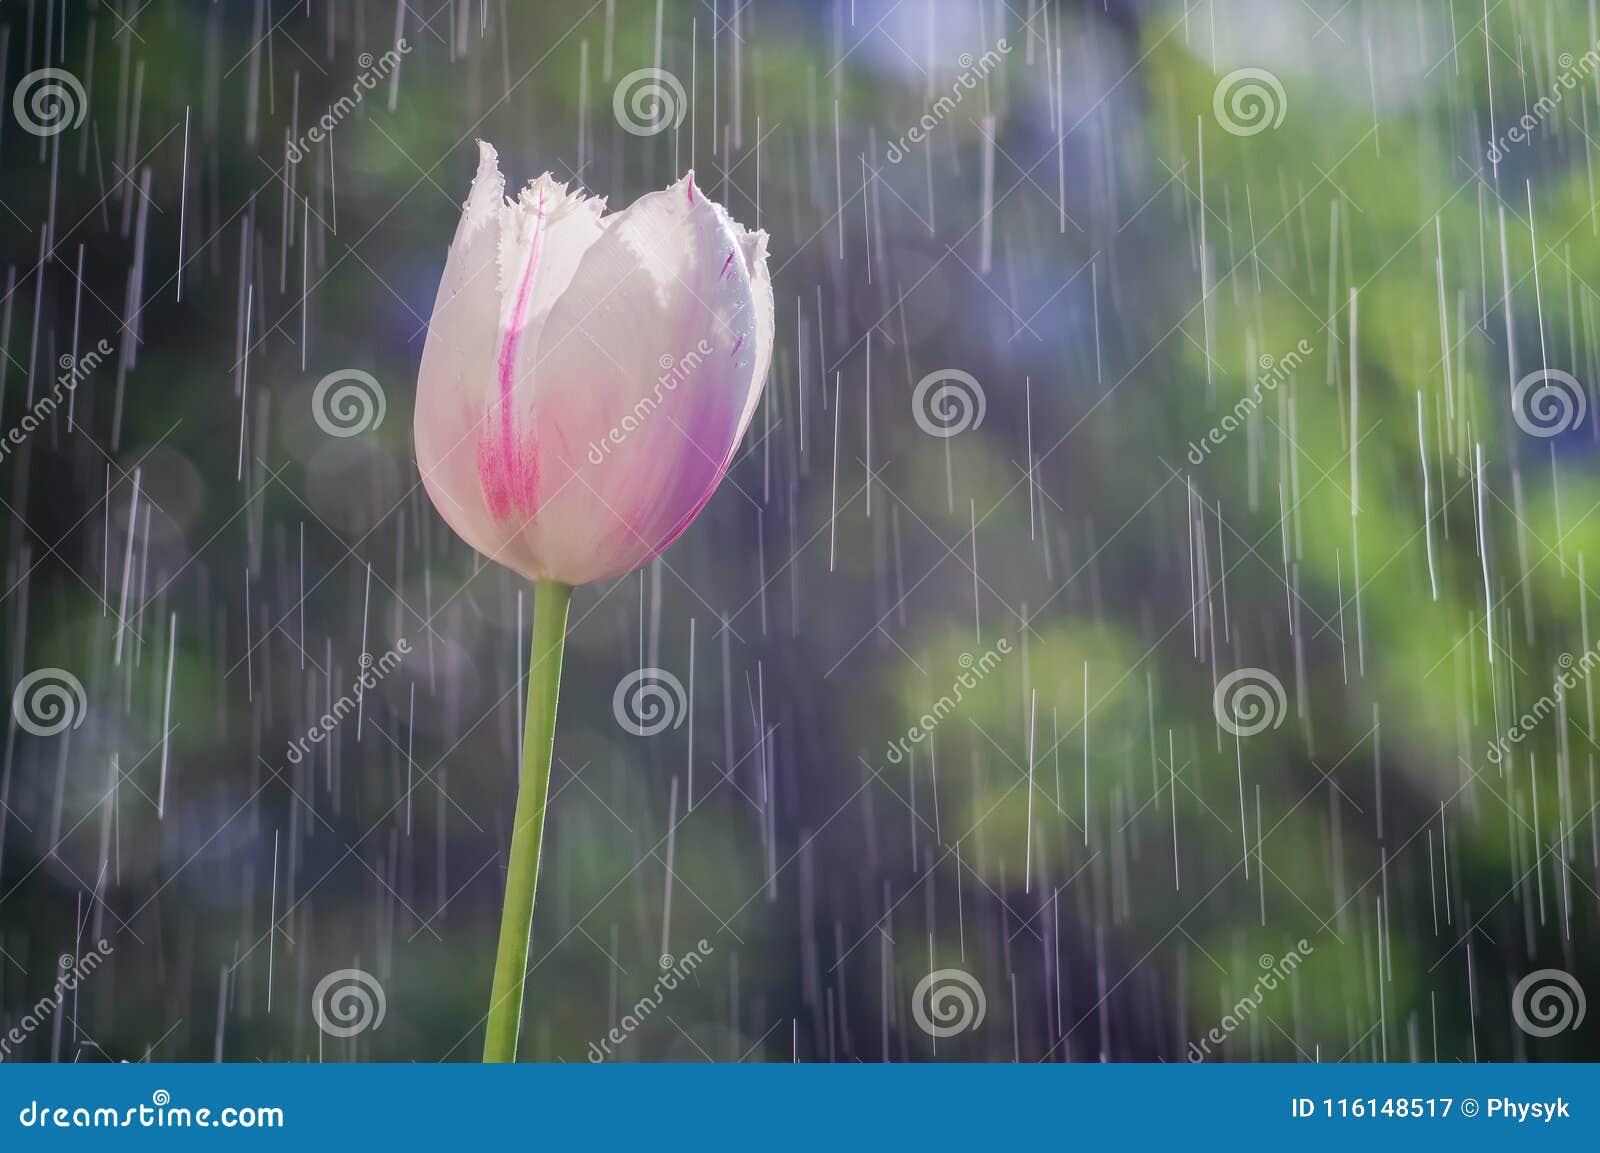 La tulipe rose-clair sur le fond de la pluie laisse tomber des voies